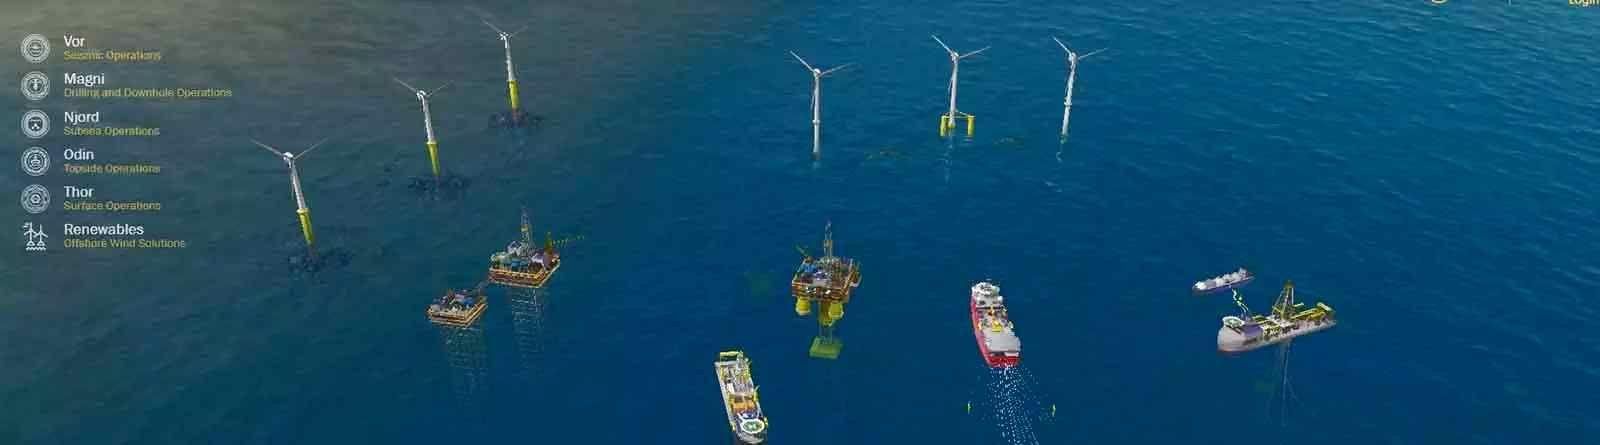 Trelleborg Nautical Offshore Interactive Environment